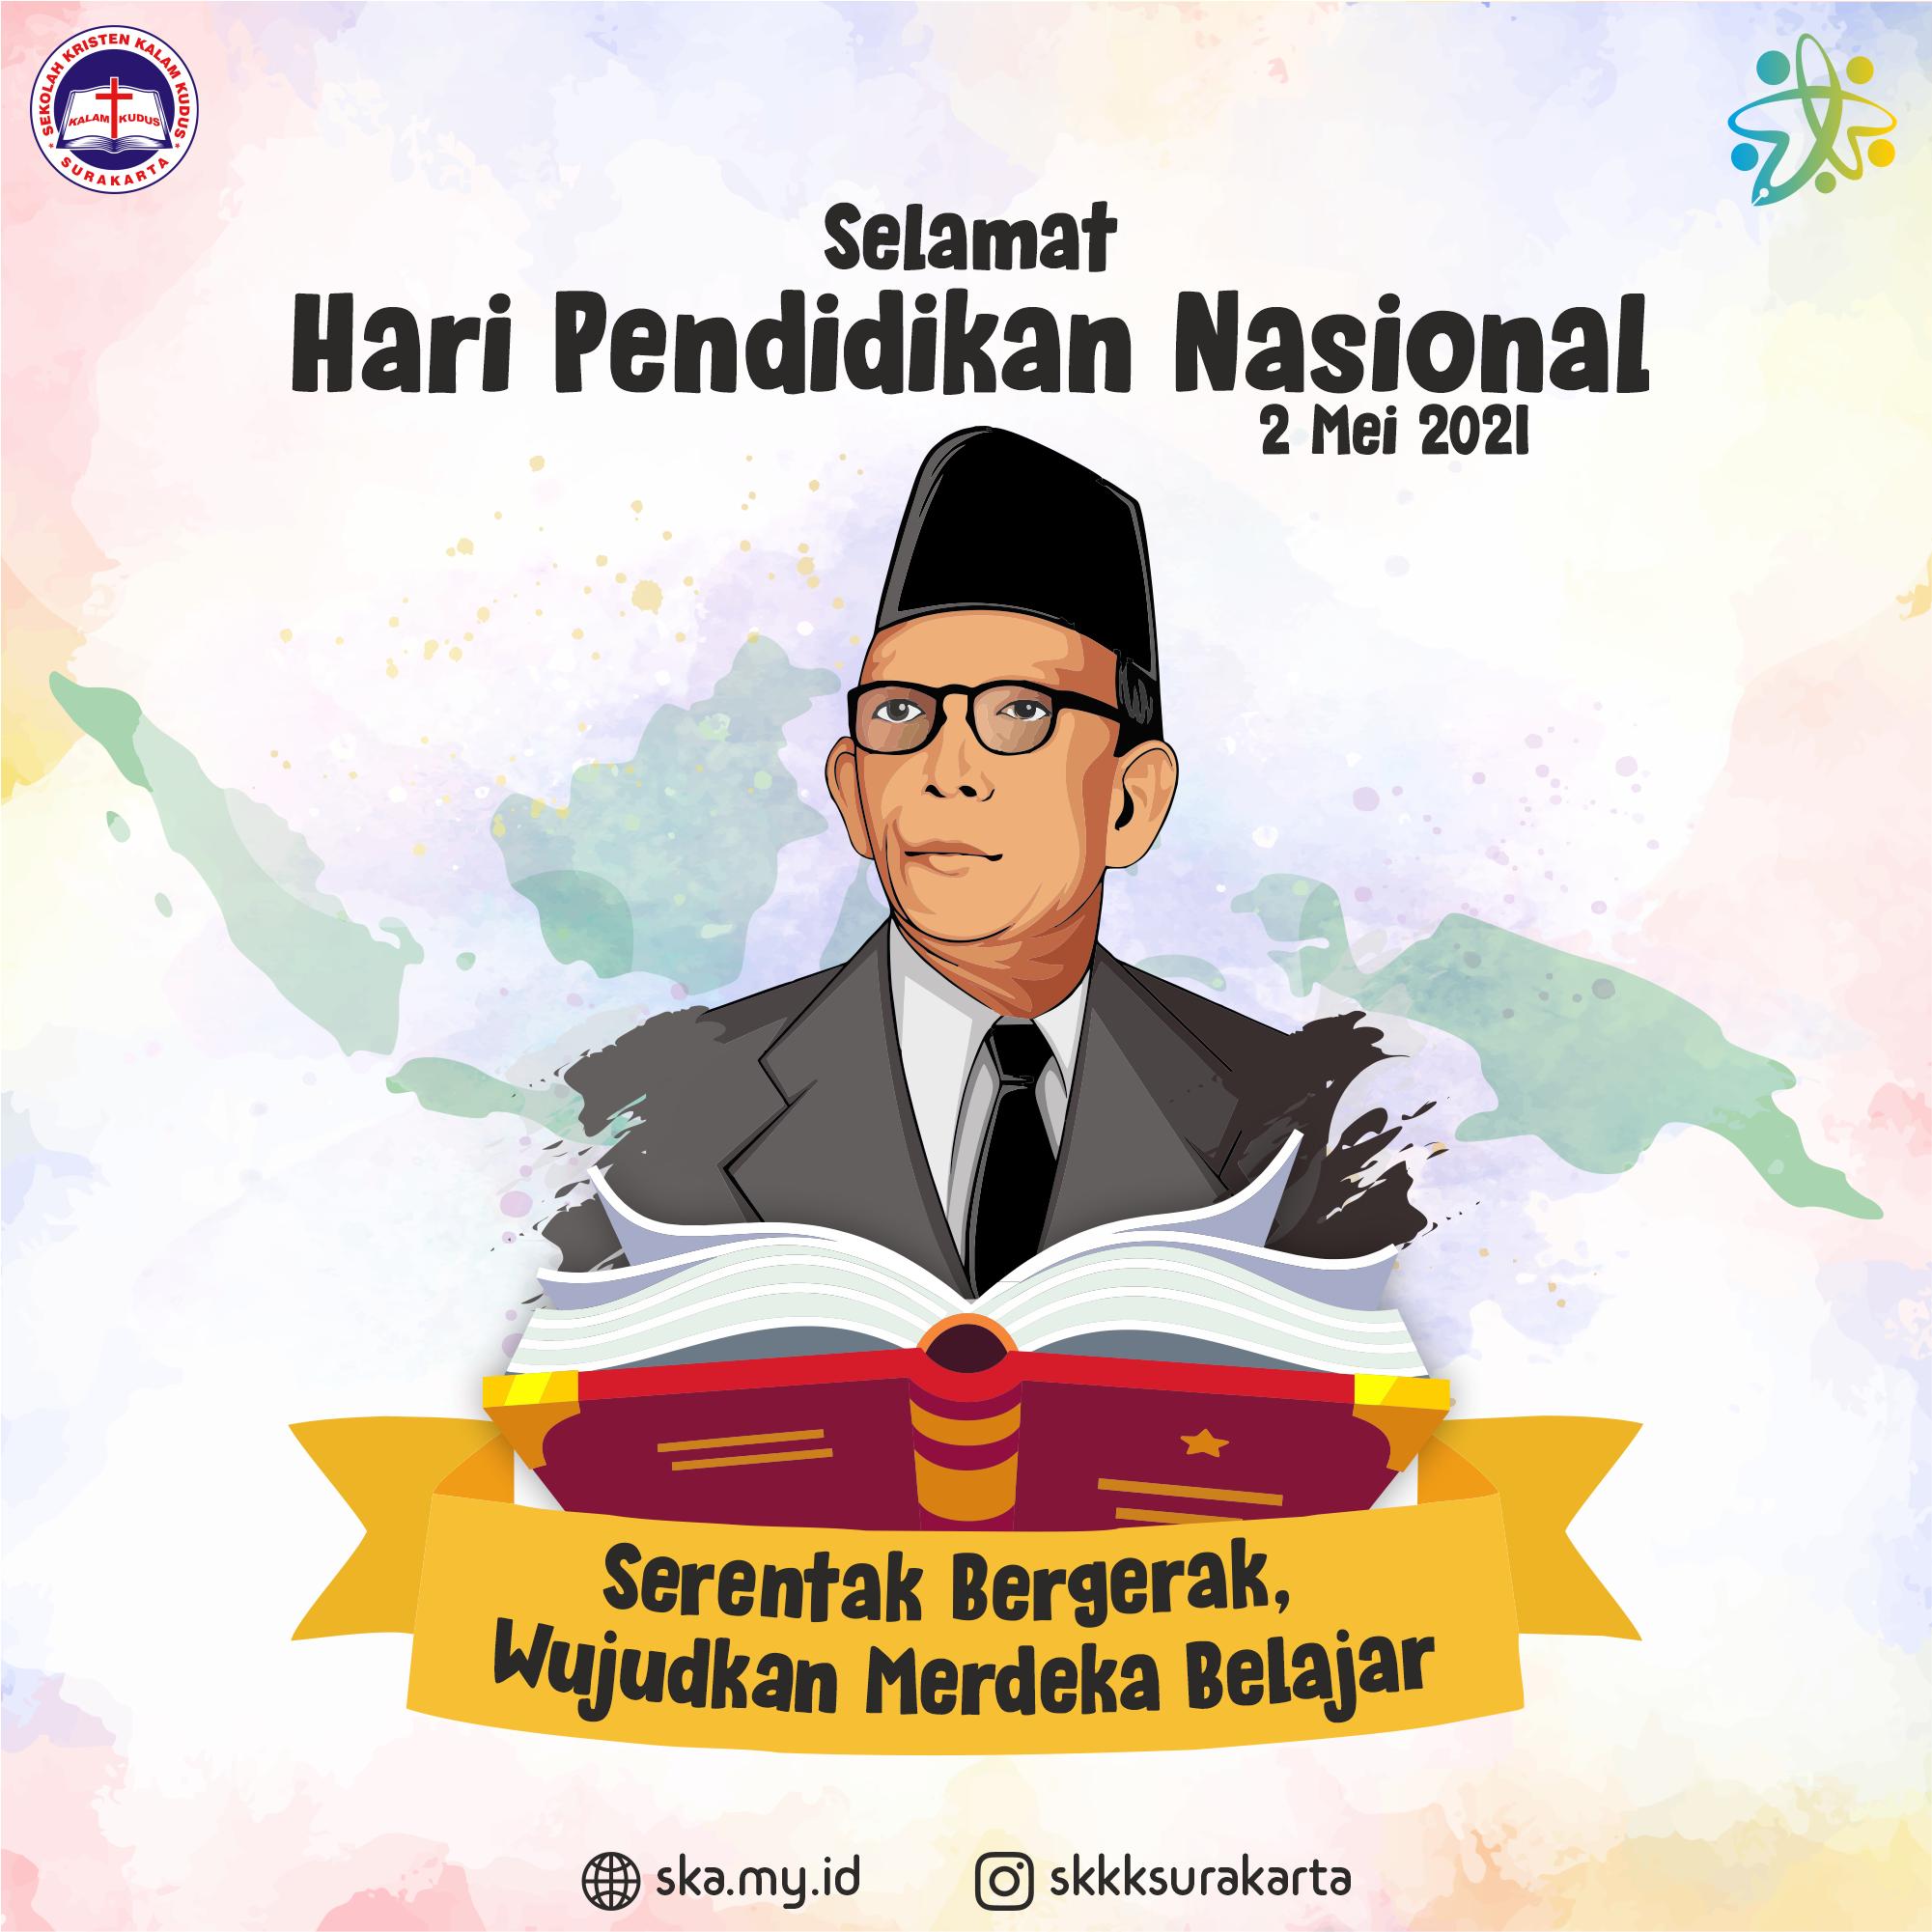 Selamat Hari Pendidikan Nasional 2021